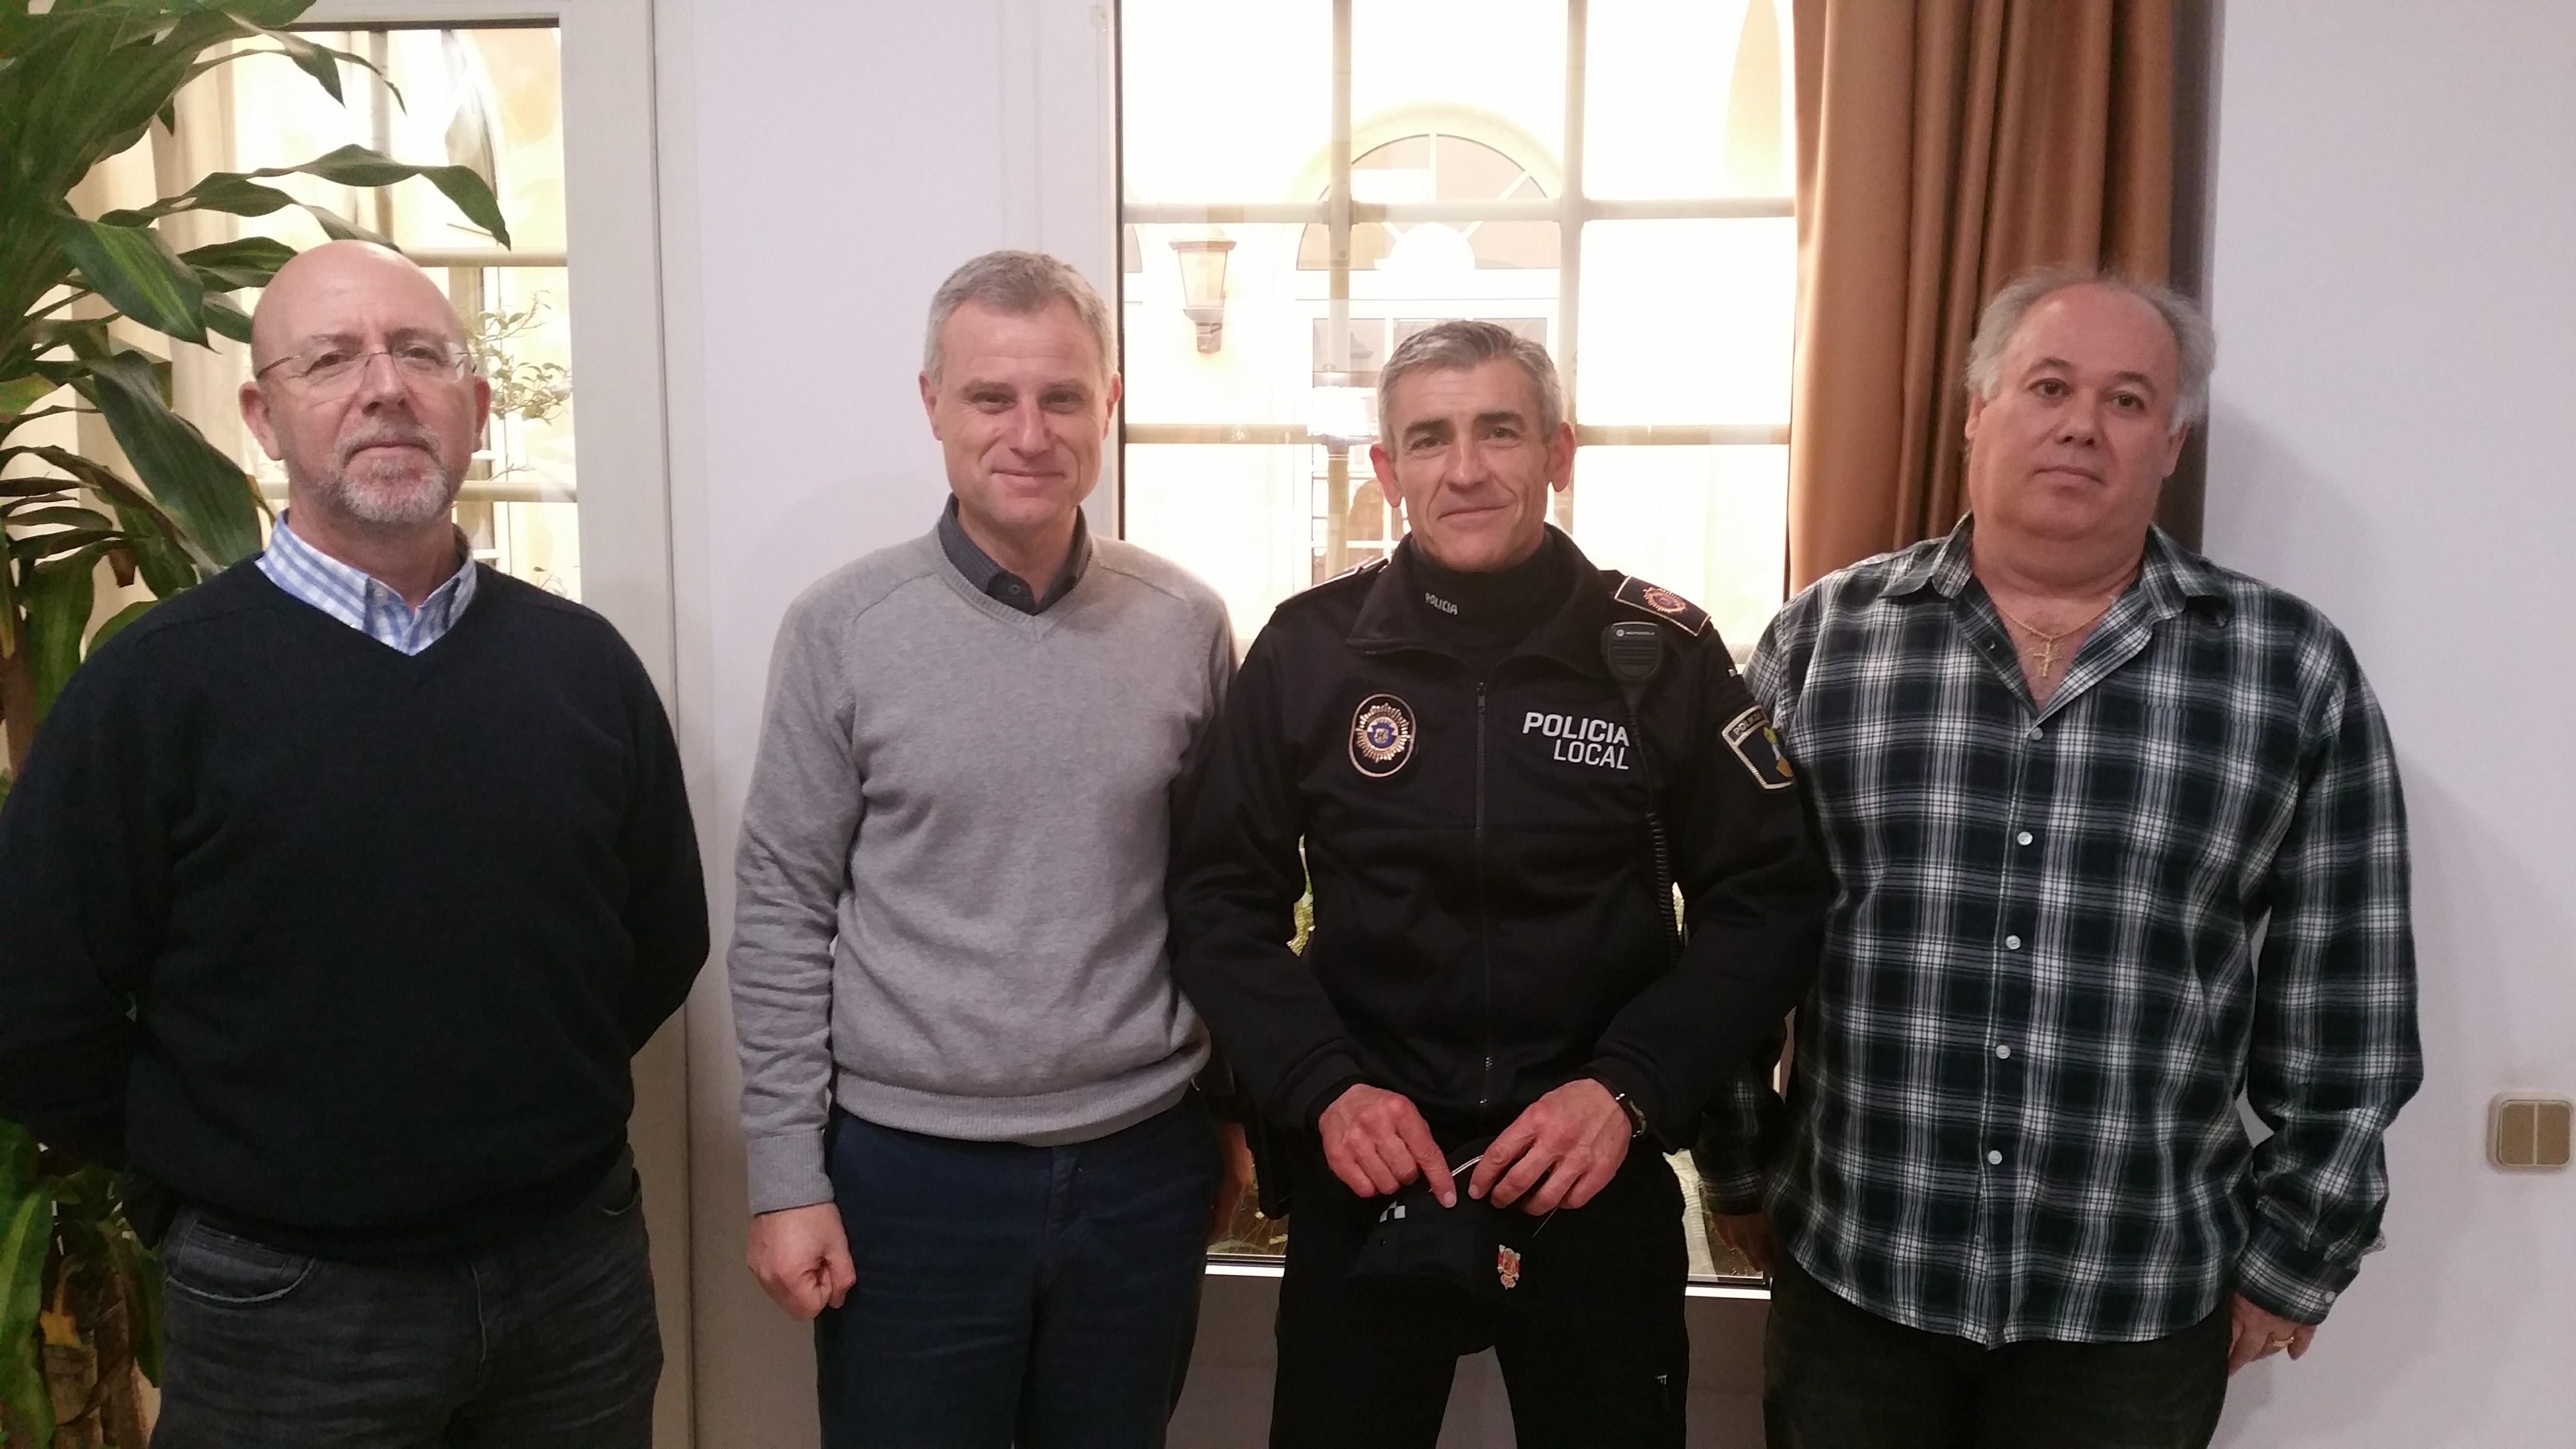 L'agent va córrer després del lladre durant una llarga persecució fins que va aconseguir recuperar els objectes robats.